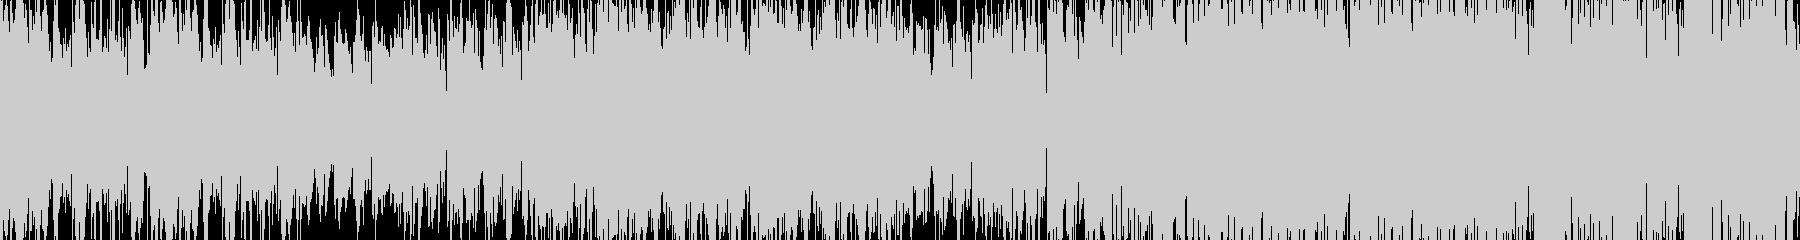 ループ:ケルト・アイリッシュ風幻想的な曲の未再生の波形